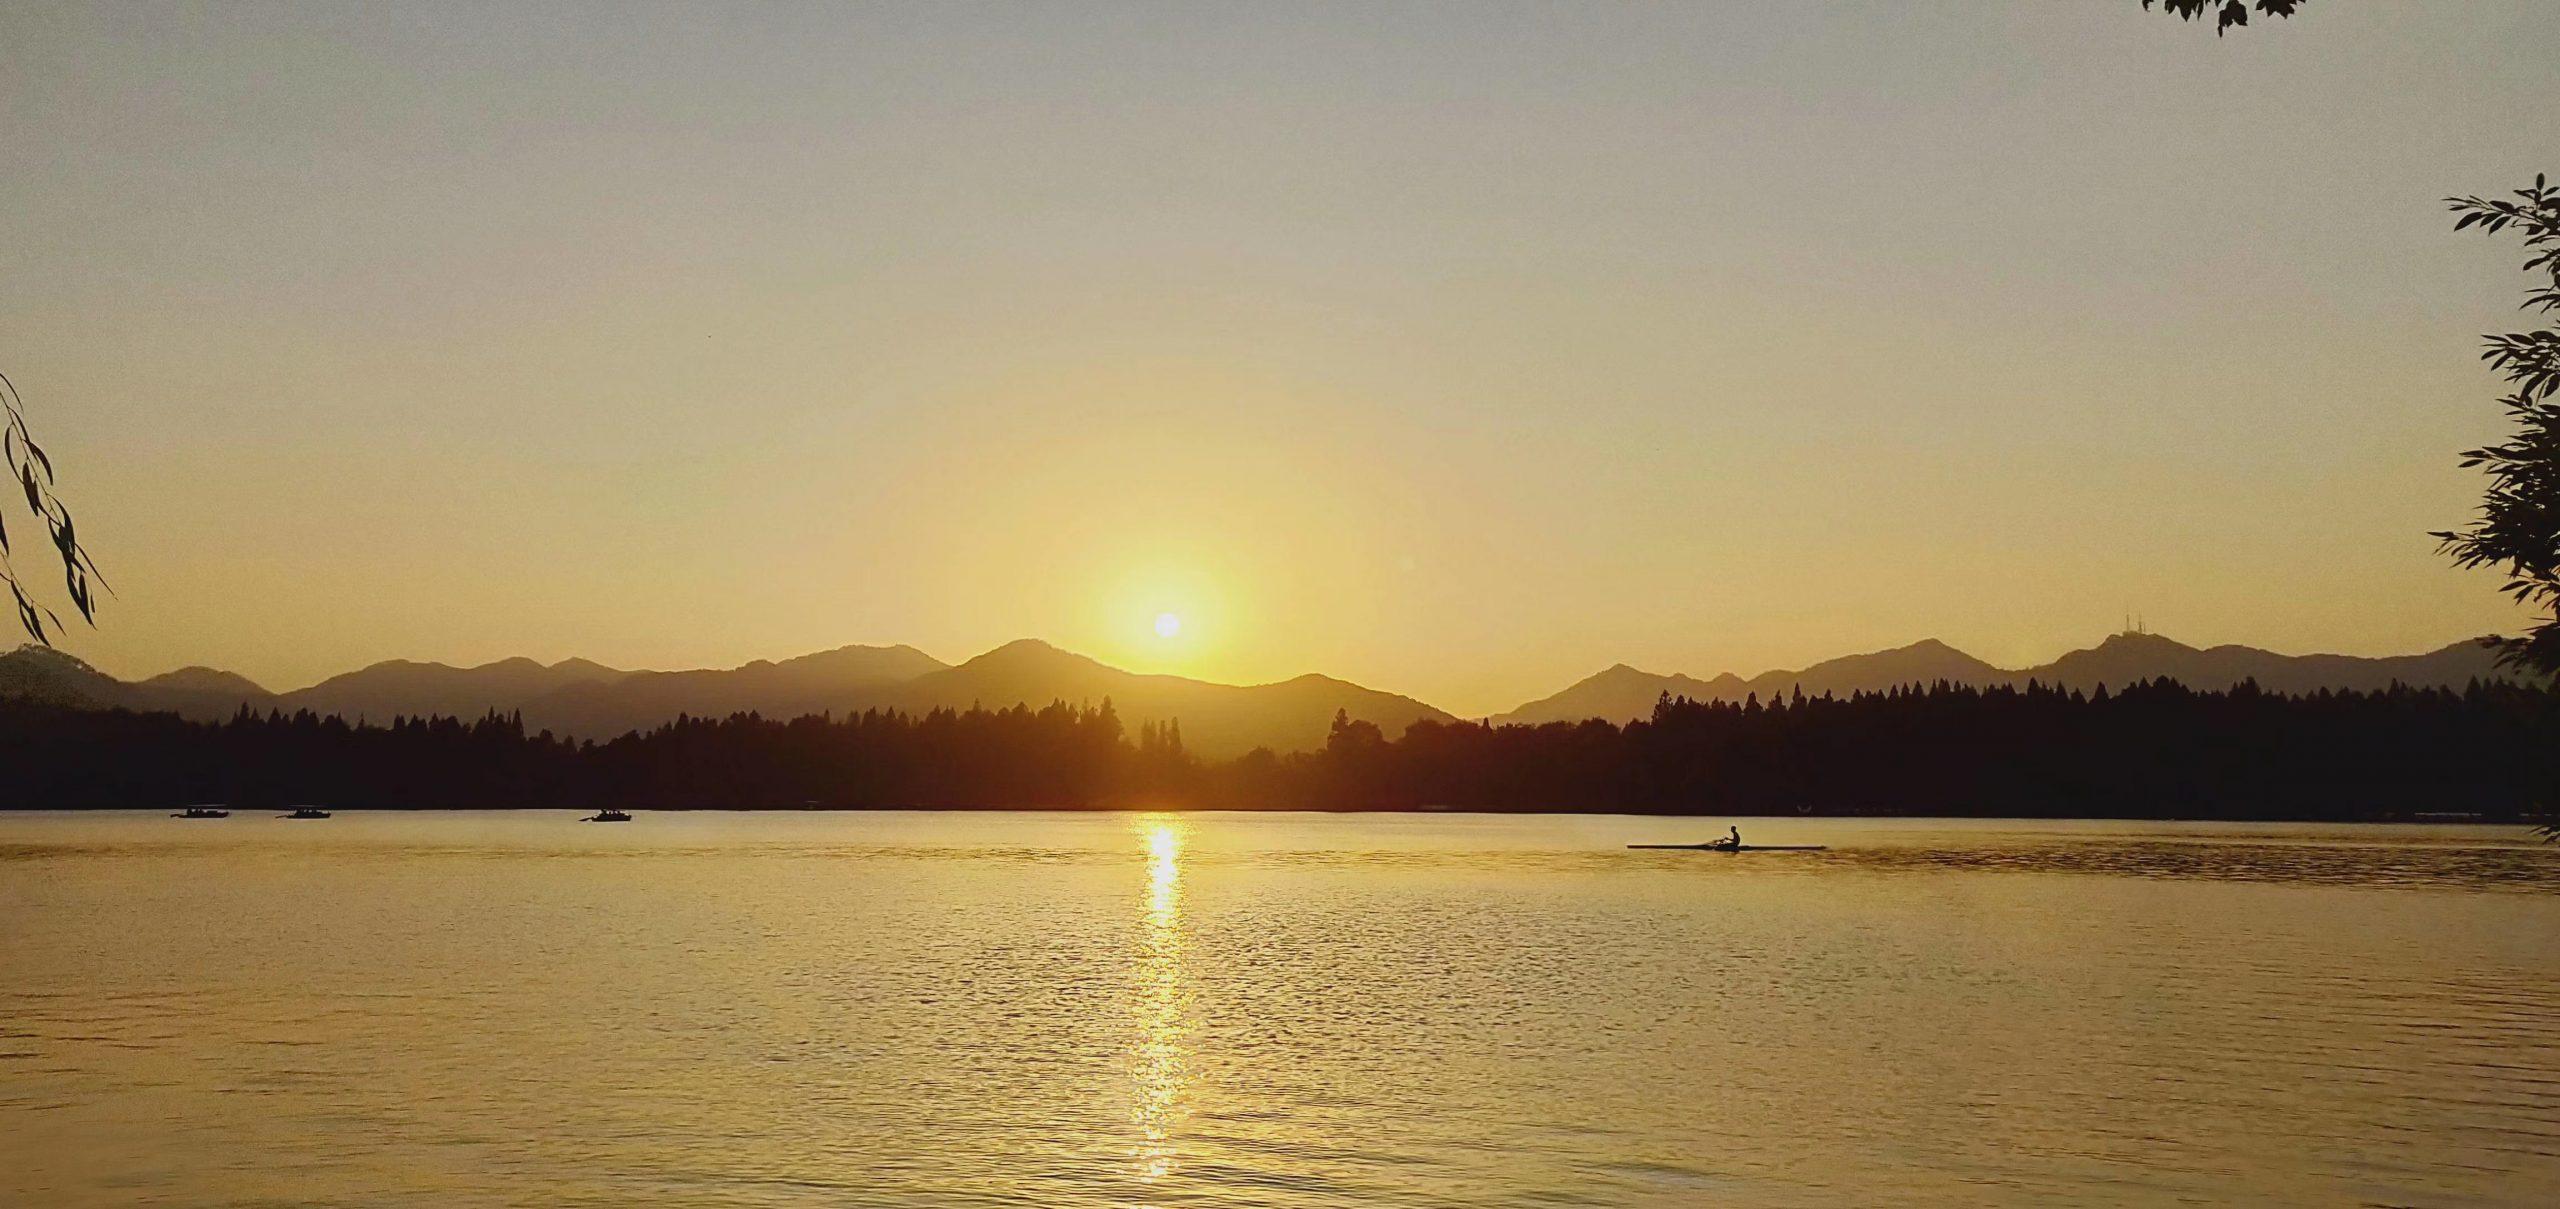 傍晚的西湖美景